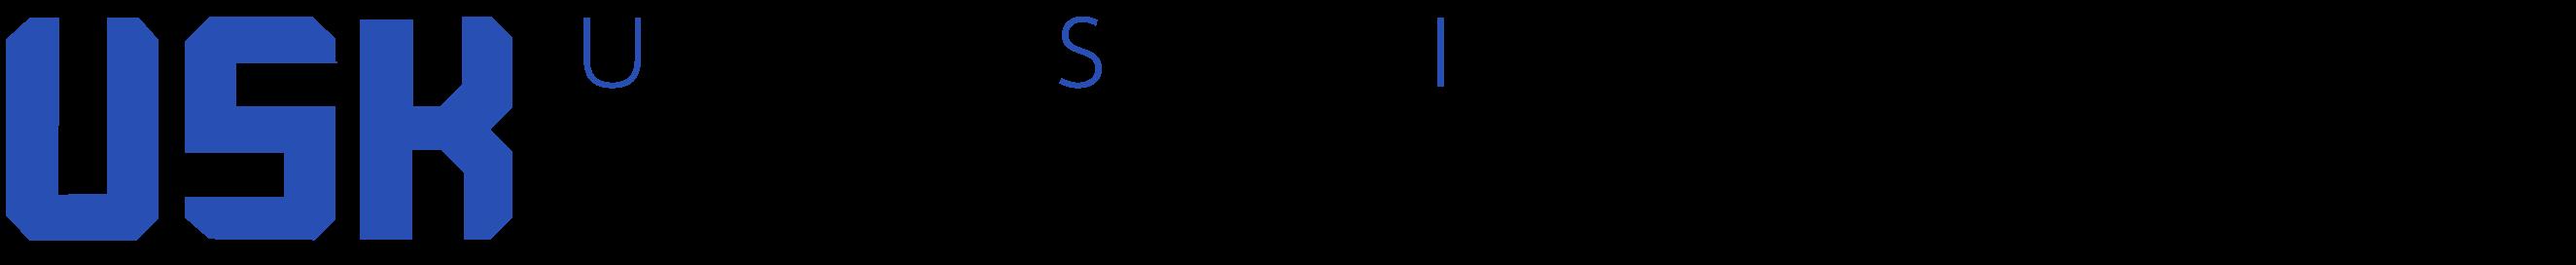 ユニバーサル・システム株式会社